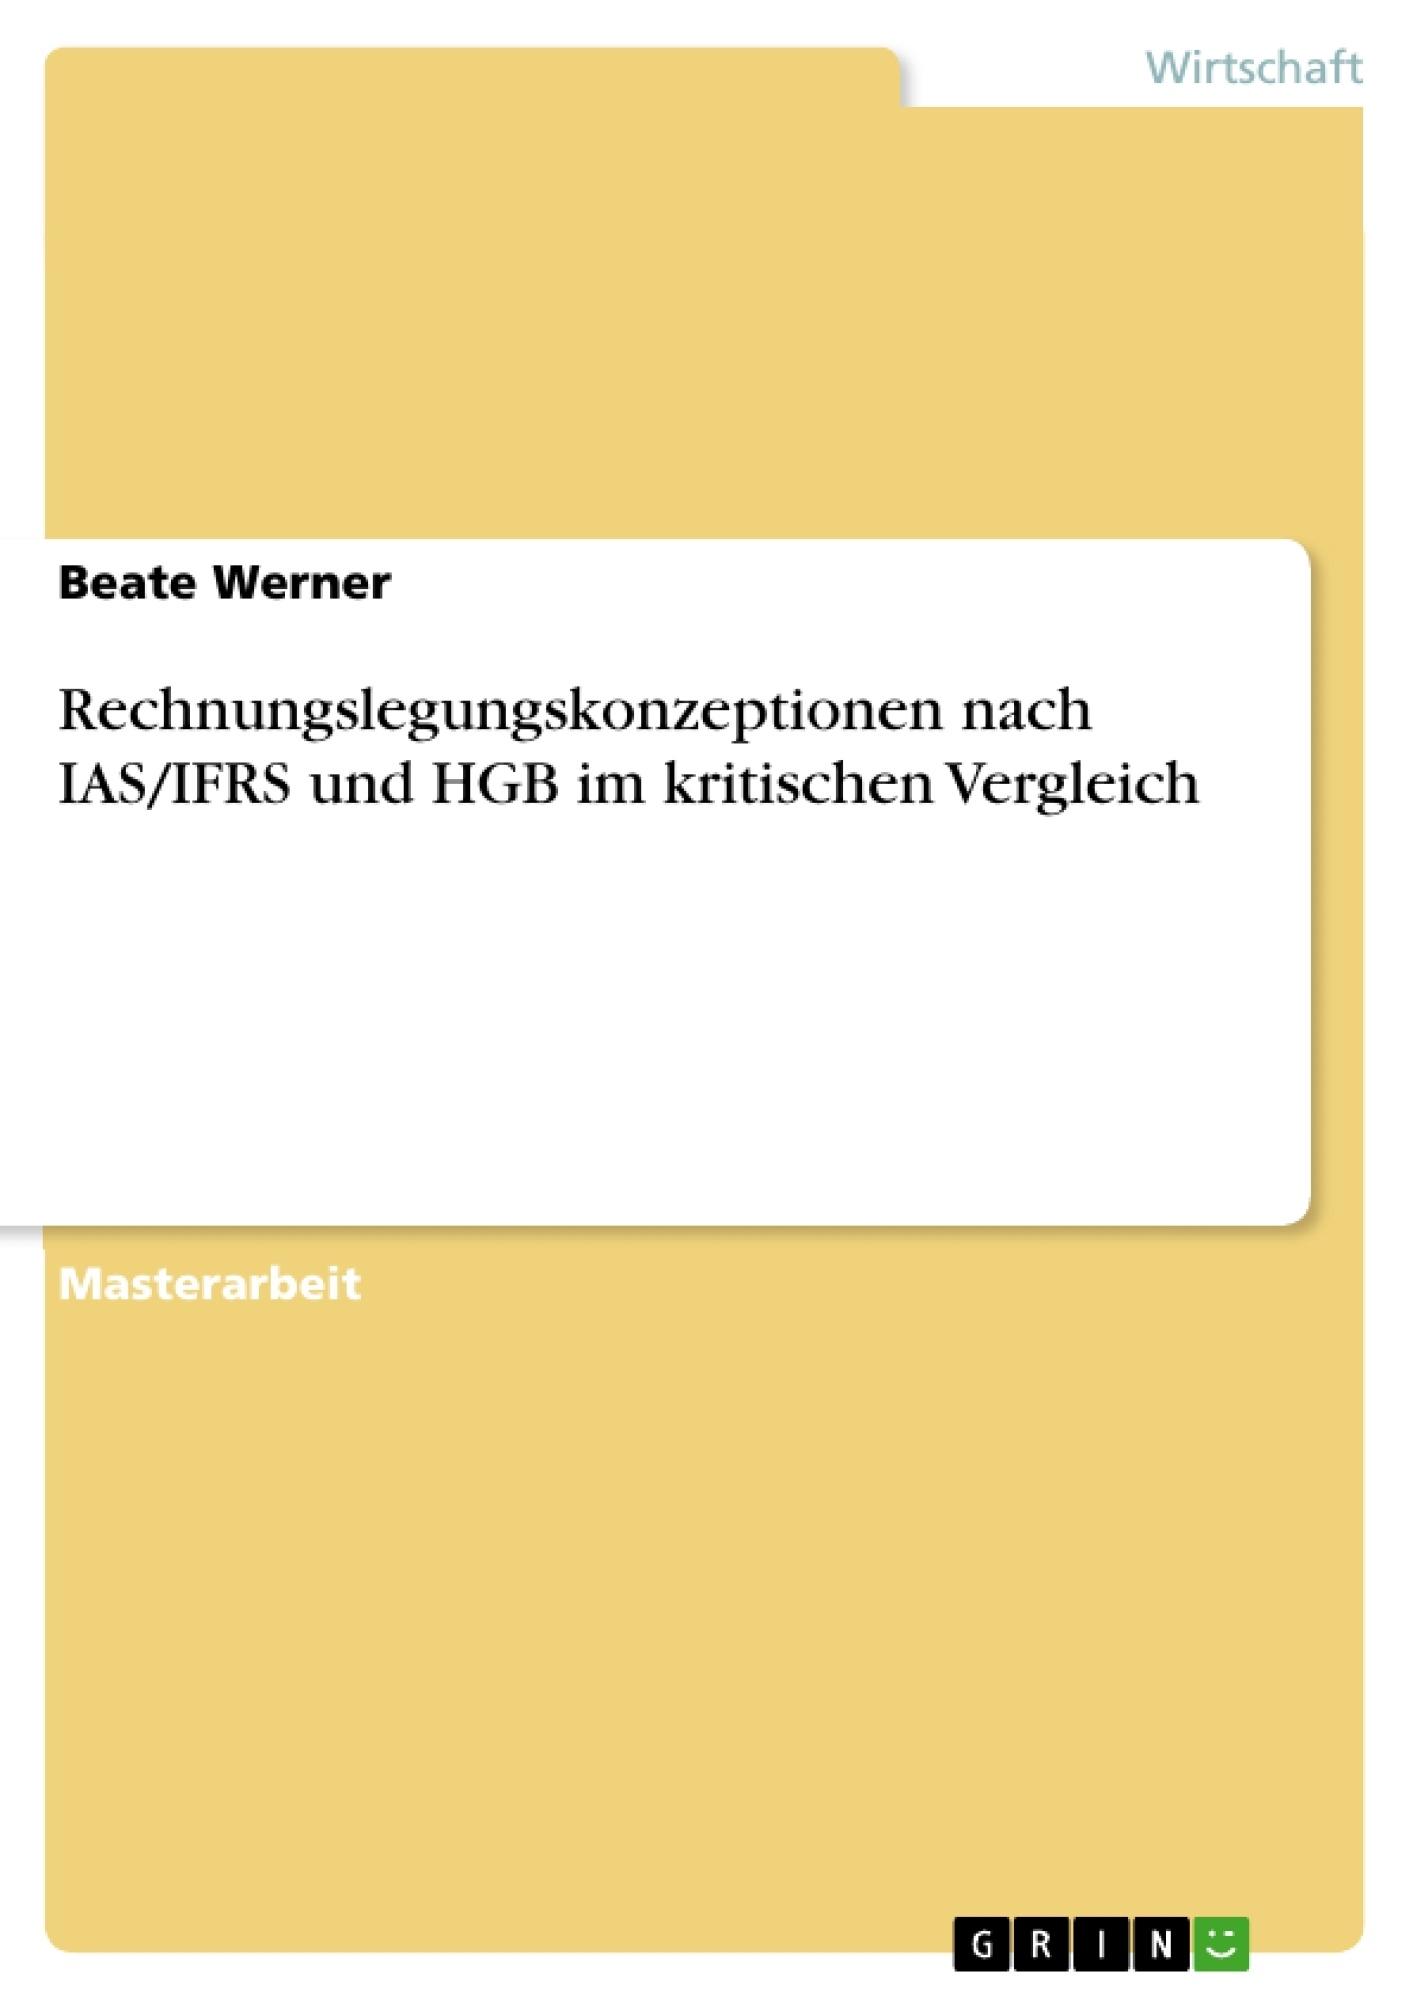 Titel: Rechnungslegungskonzeptionen nach IAS/IFRS und HGB im kritischen Vergleich